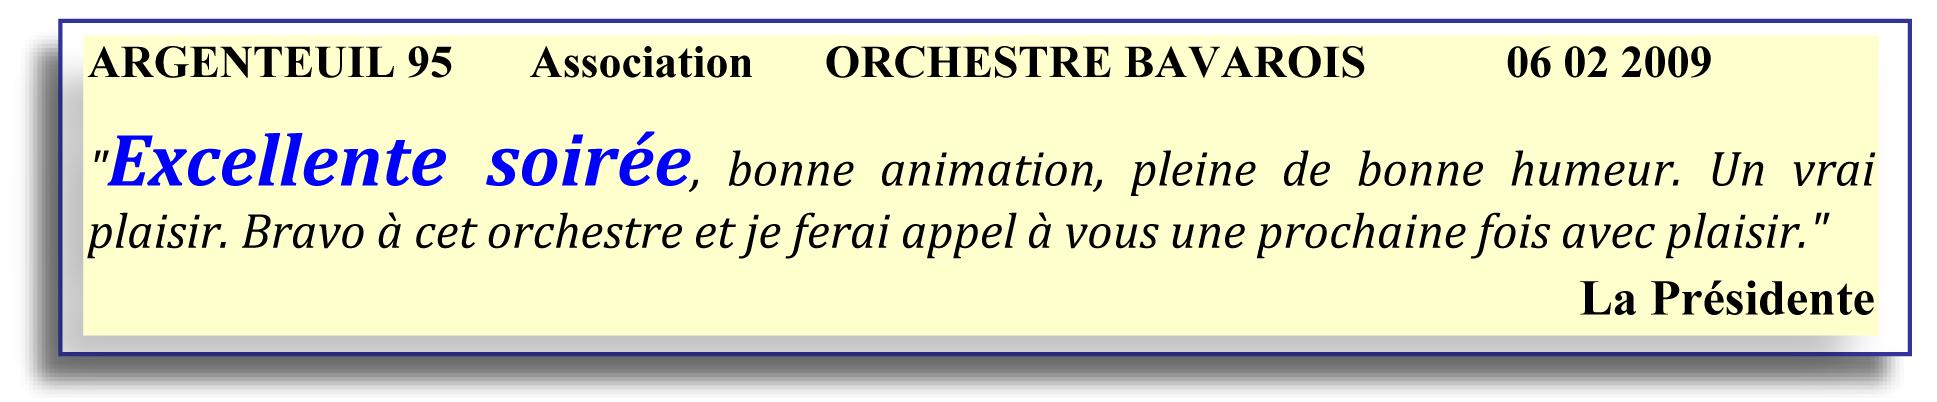 Argenteuil 95 (2009)- soirée bavaroise